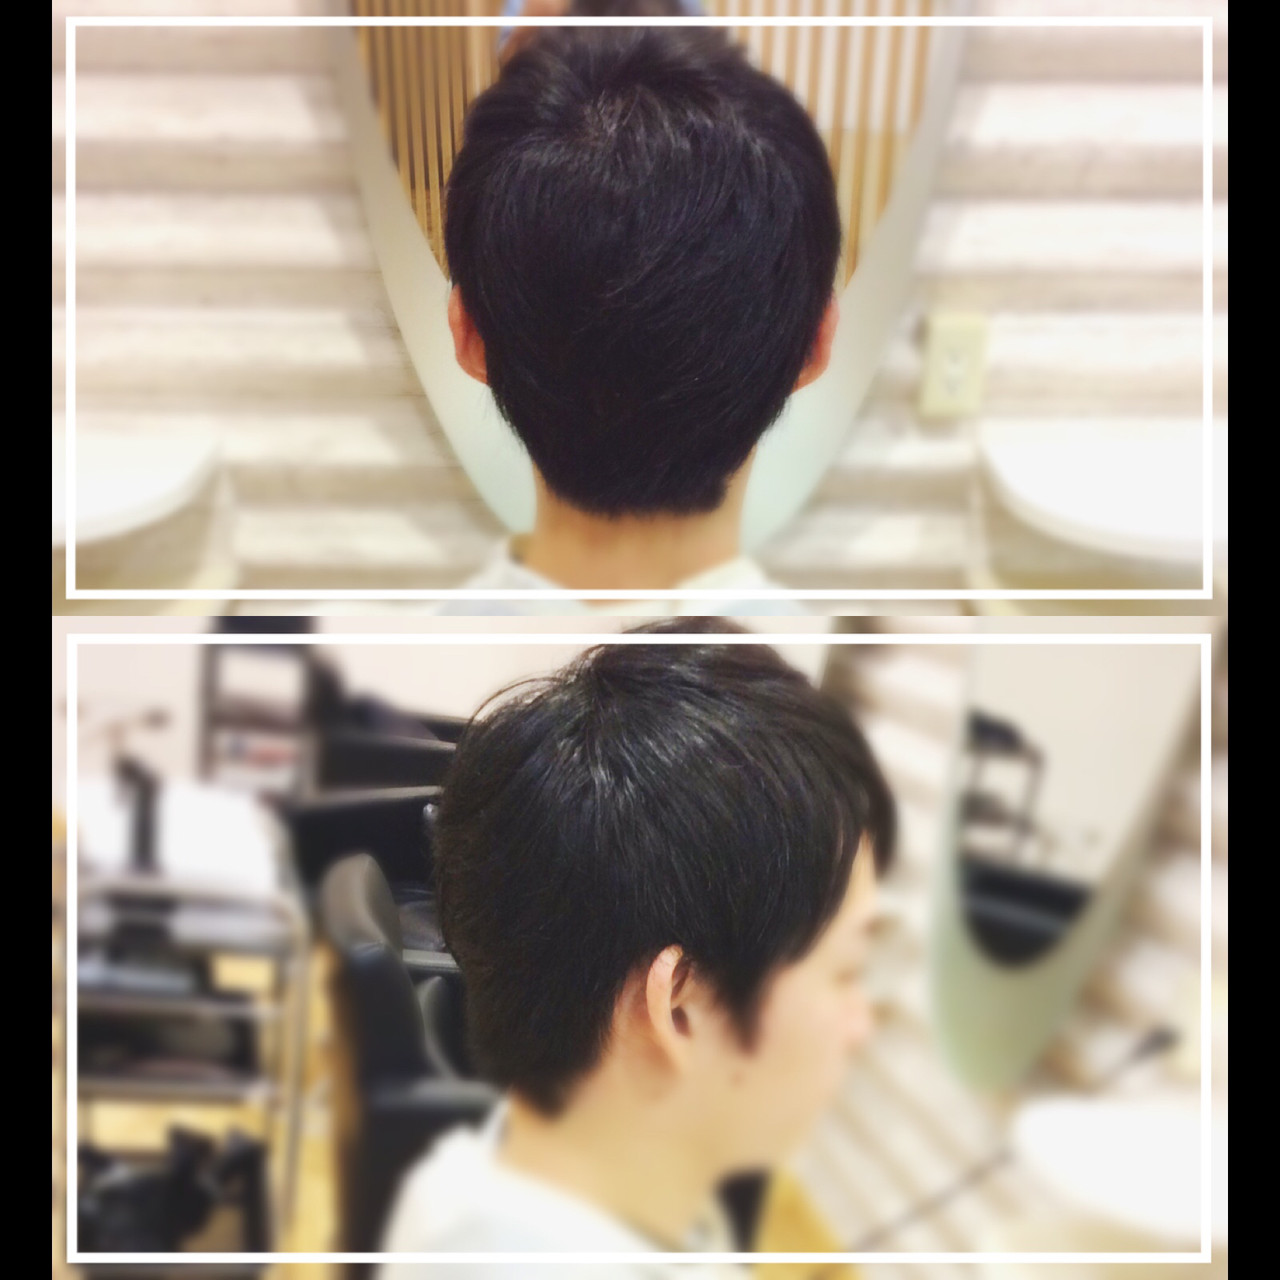 メンズヘア 社会人の味方 ナチュラル メンズショート ヘアスタイルや髪型の写真・画像